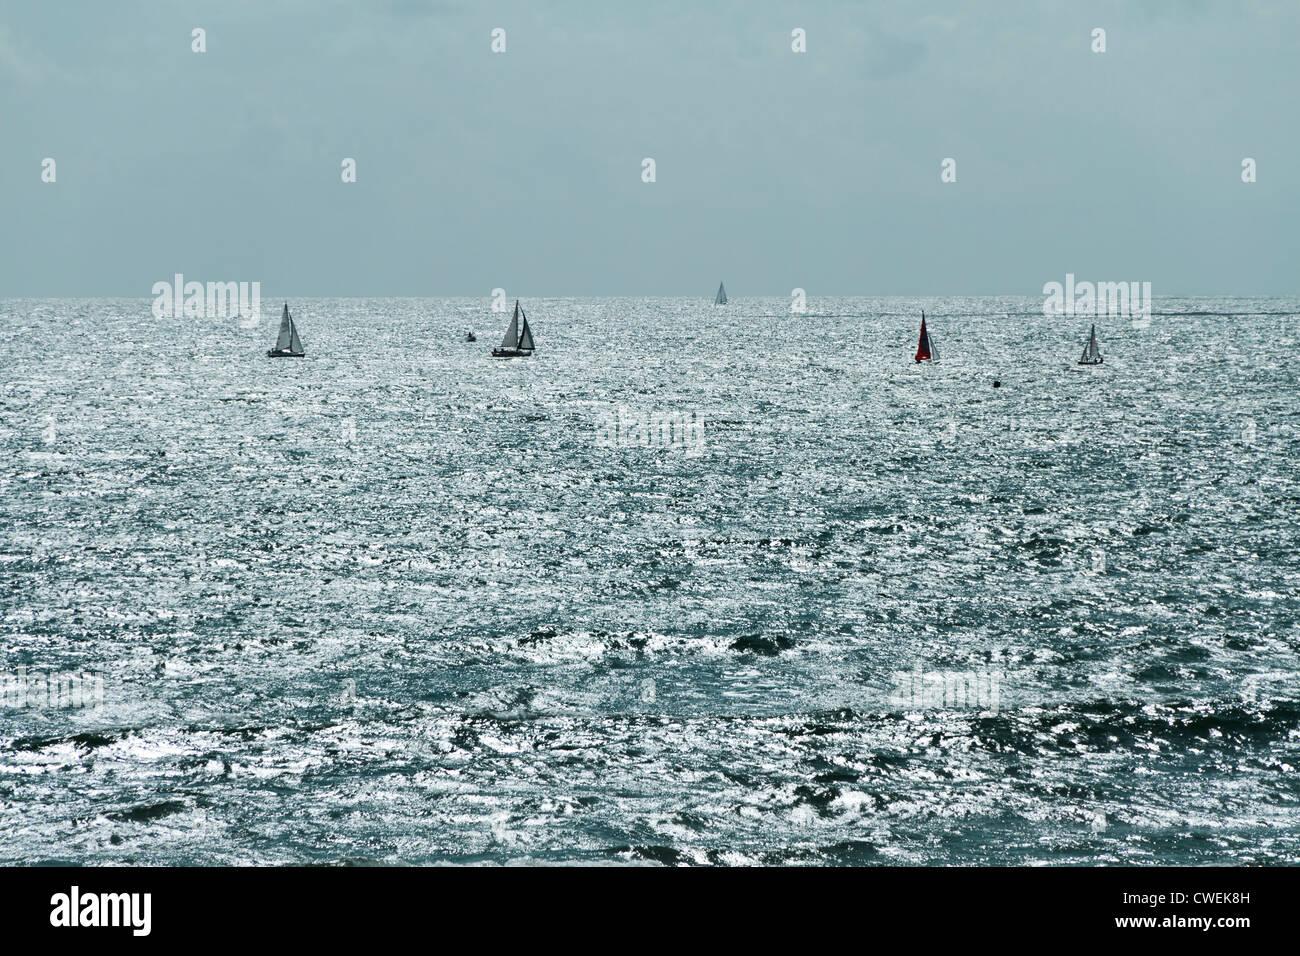 Bateaux à voile sur la mer, Les Sables-d'Olonne, Vendée, Pays de la Loire, France, Europe. Photo Stock